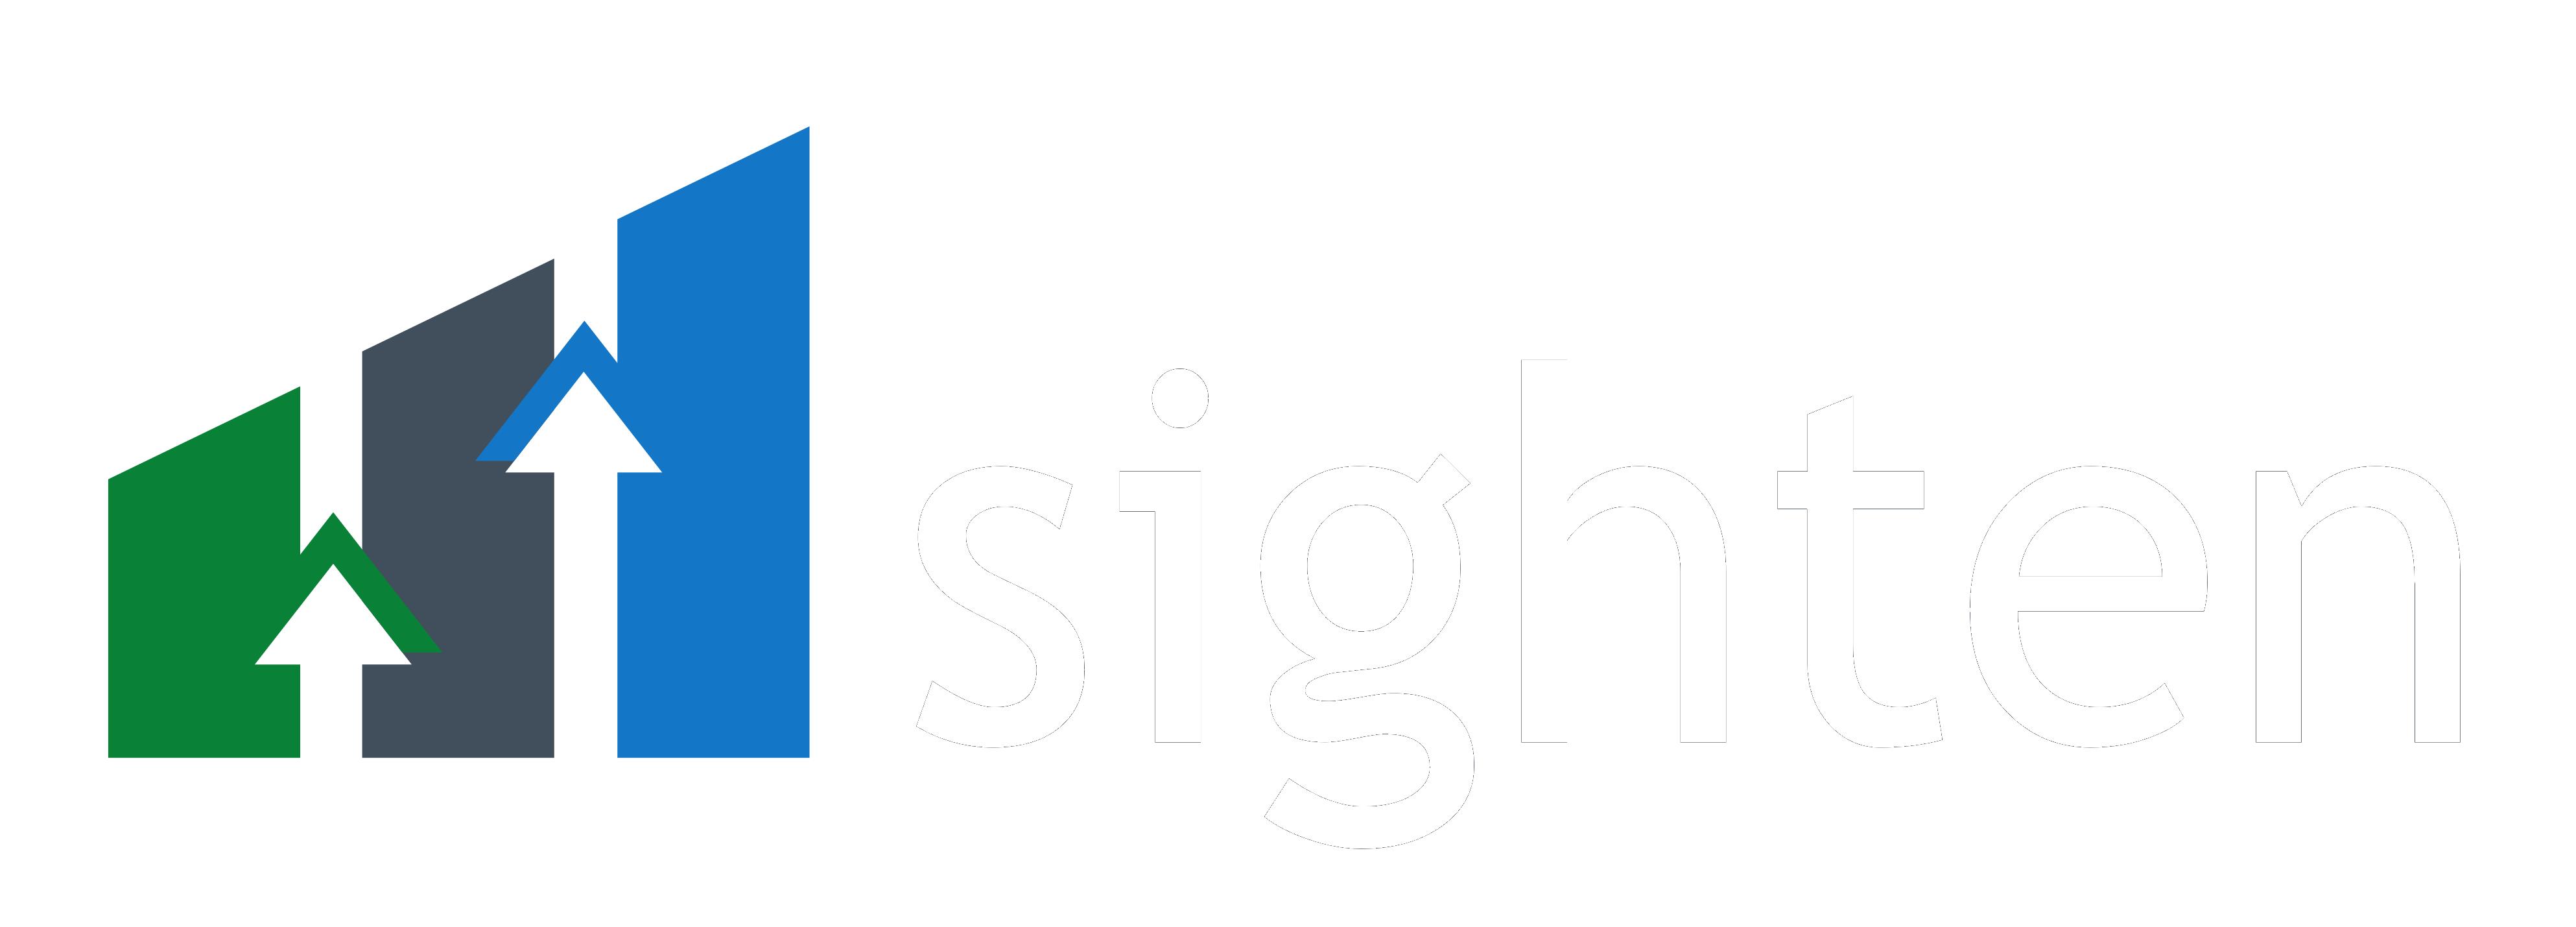 Sighten